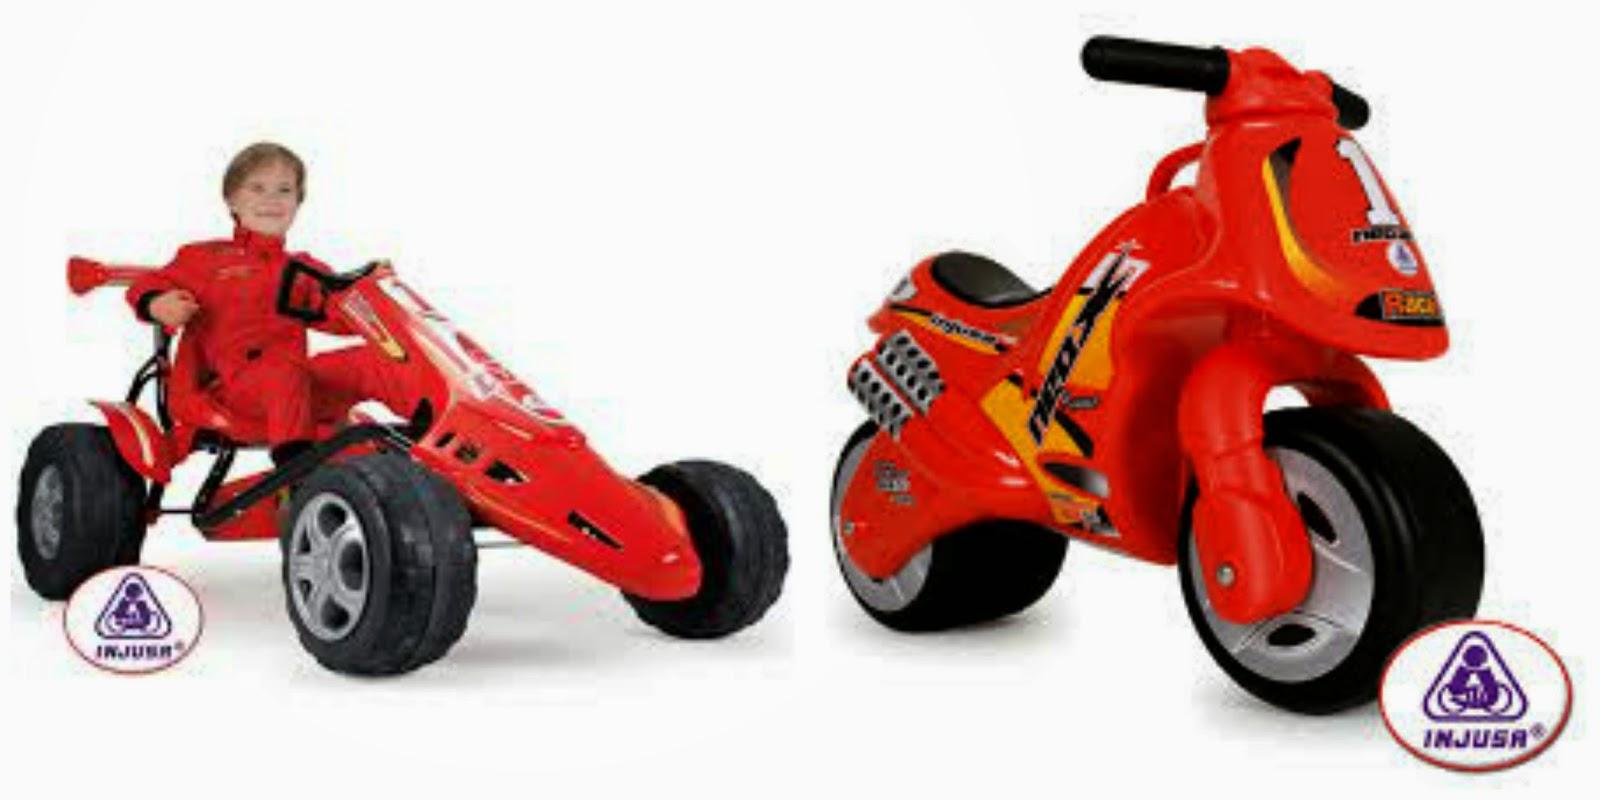 bebés, bicicleta, bicicleta sin pedales, casco, compras, correpasillos, feber, juegos, juguetes para niños, tiempo libre,